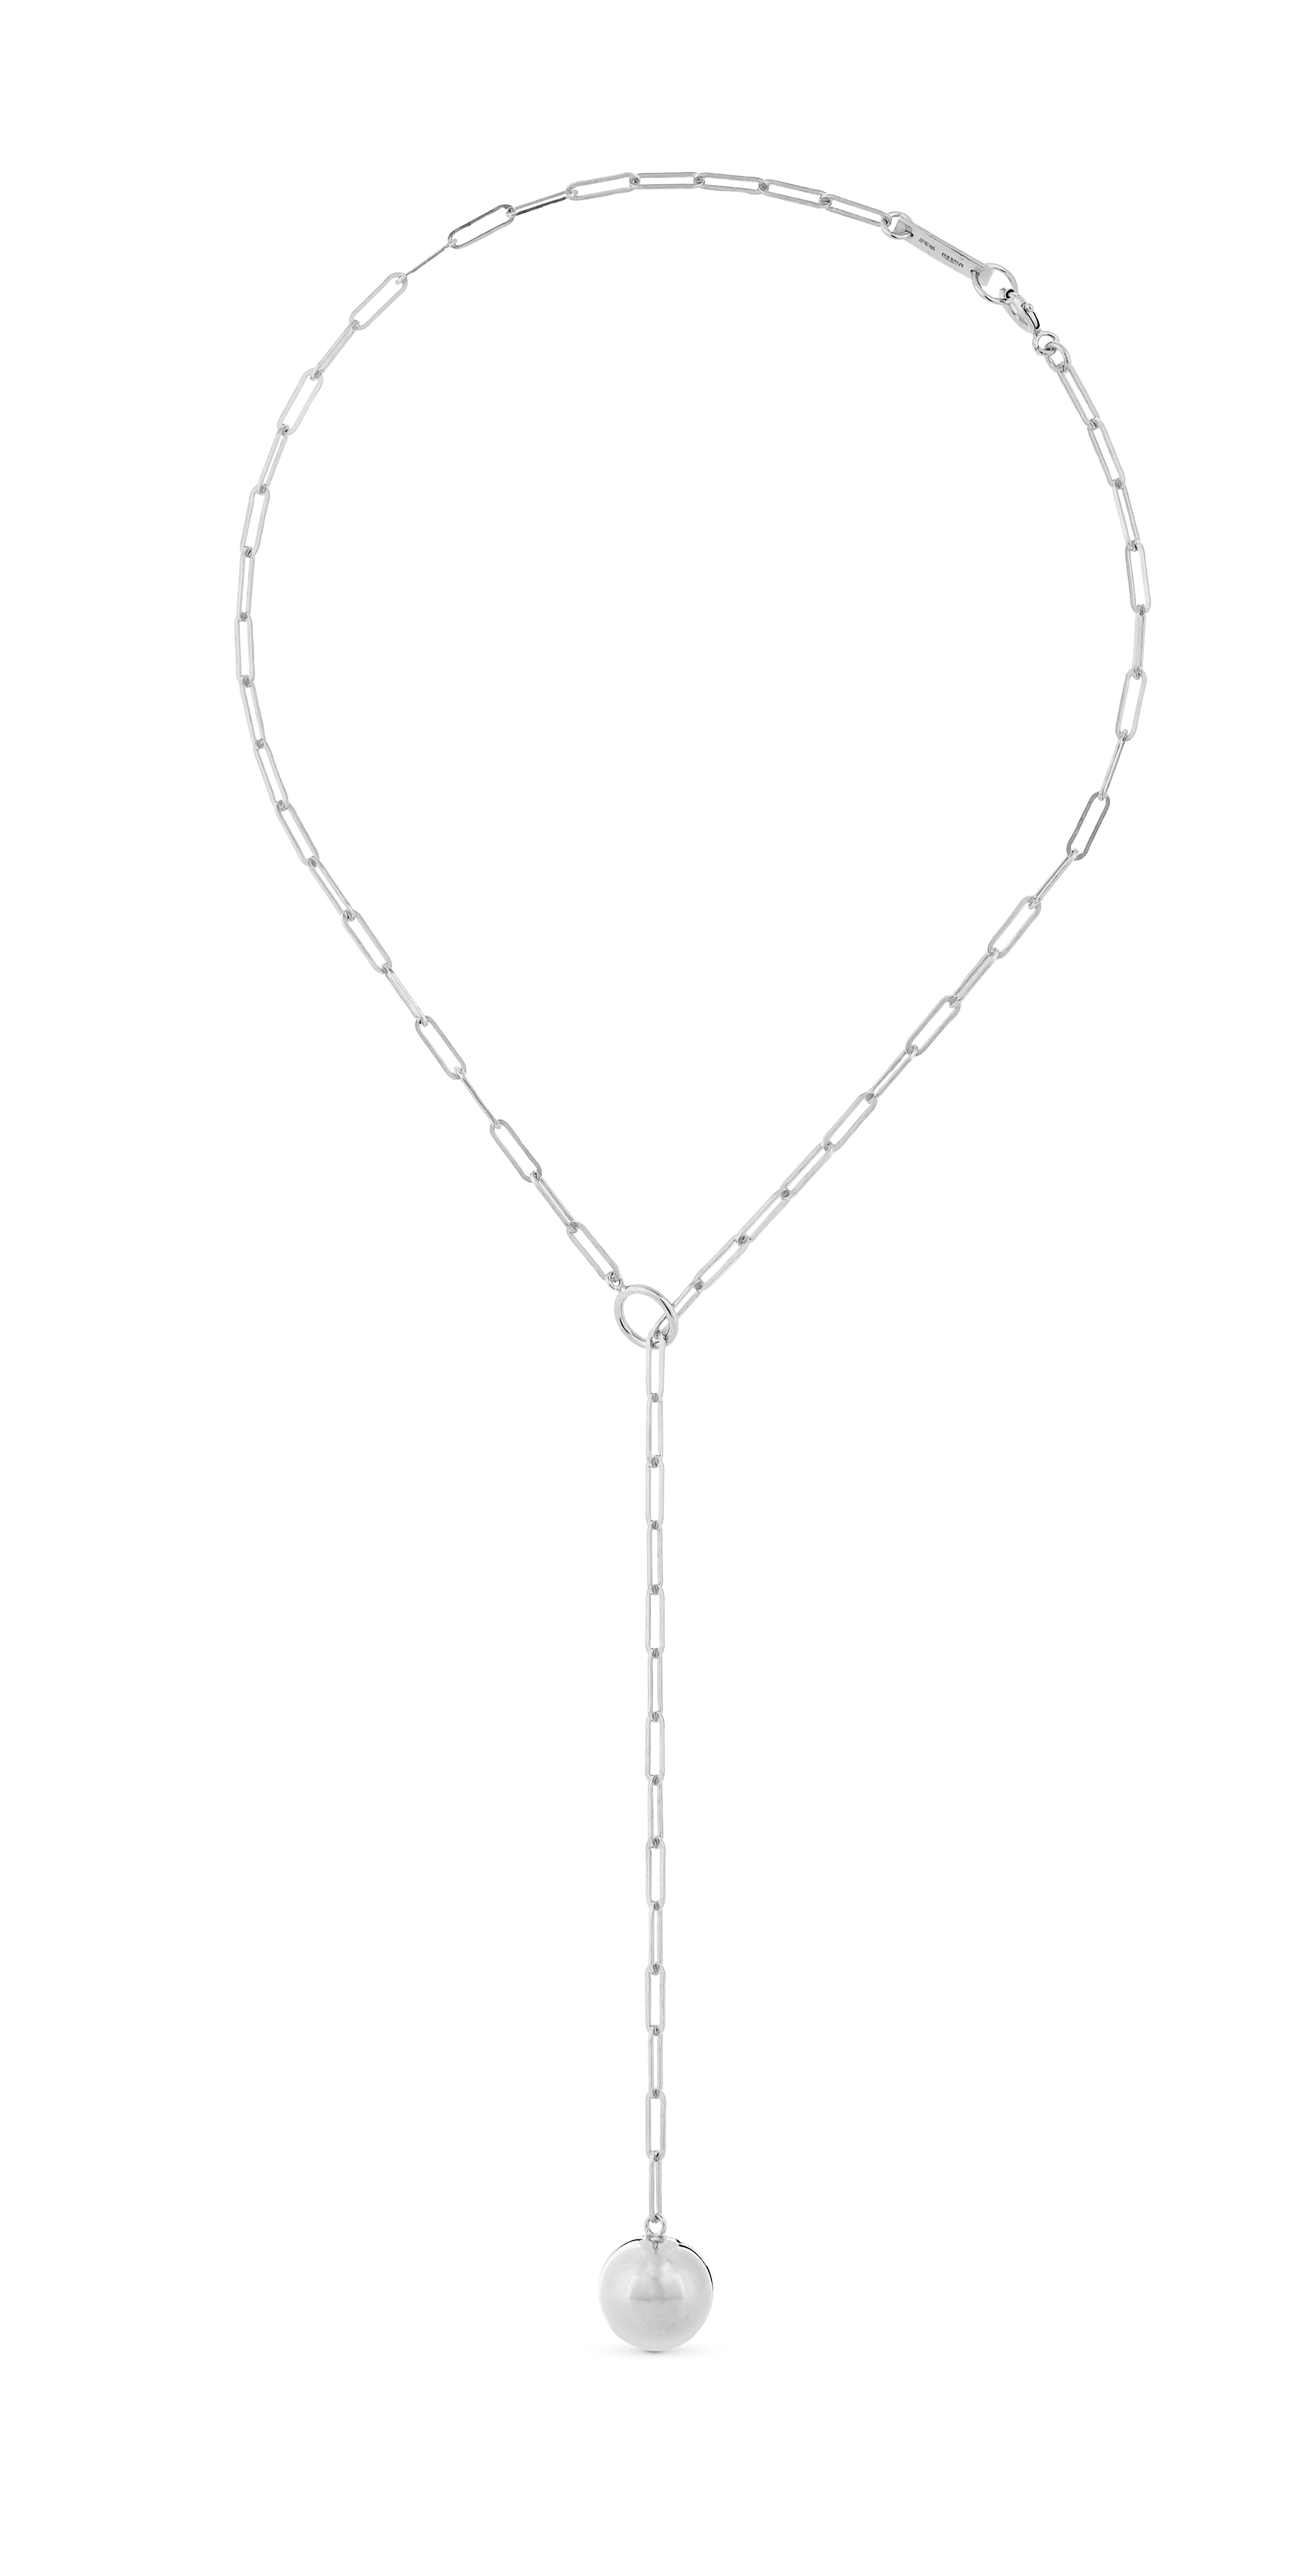 Ceres silver necklace